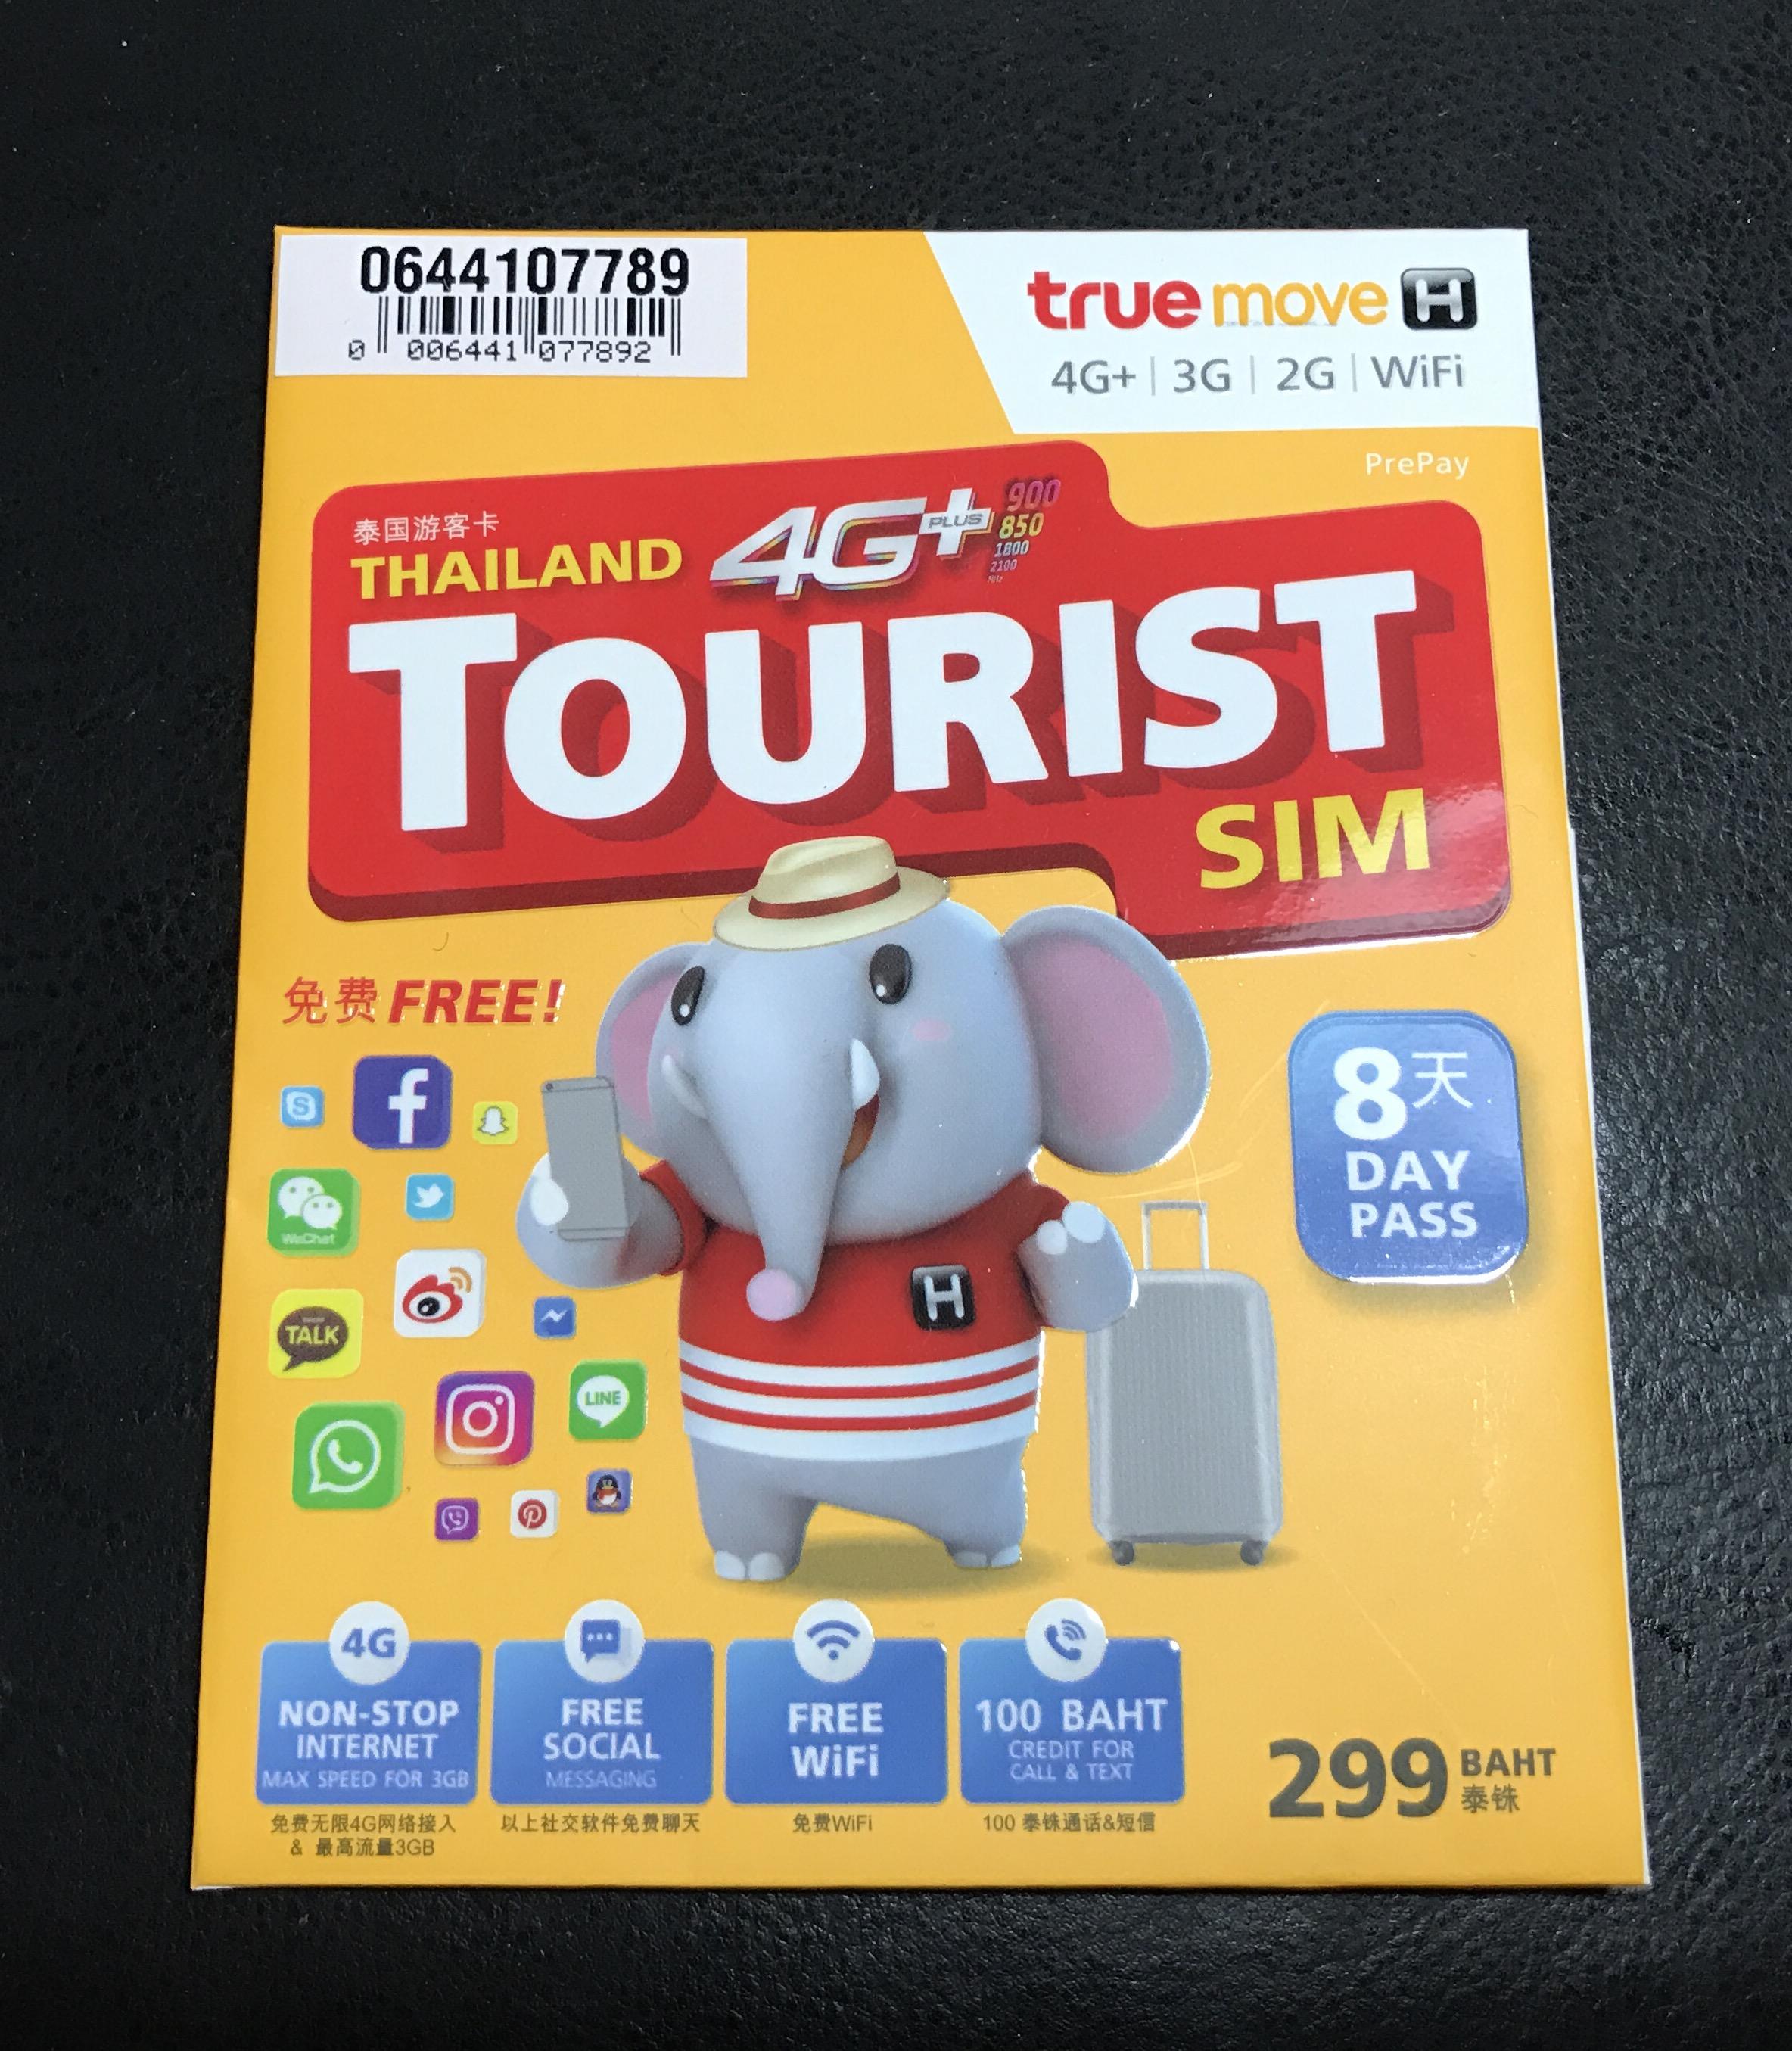 レンタルWi-Fiは割高か?タイ旅行、出張にはポケットWi-Fiを持って行く方がいい